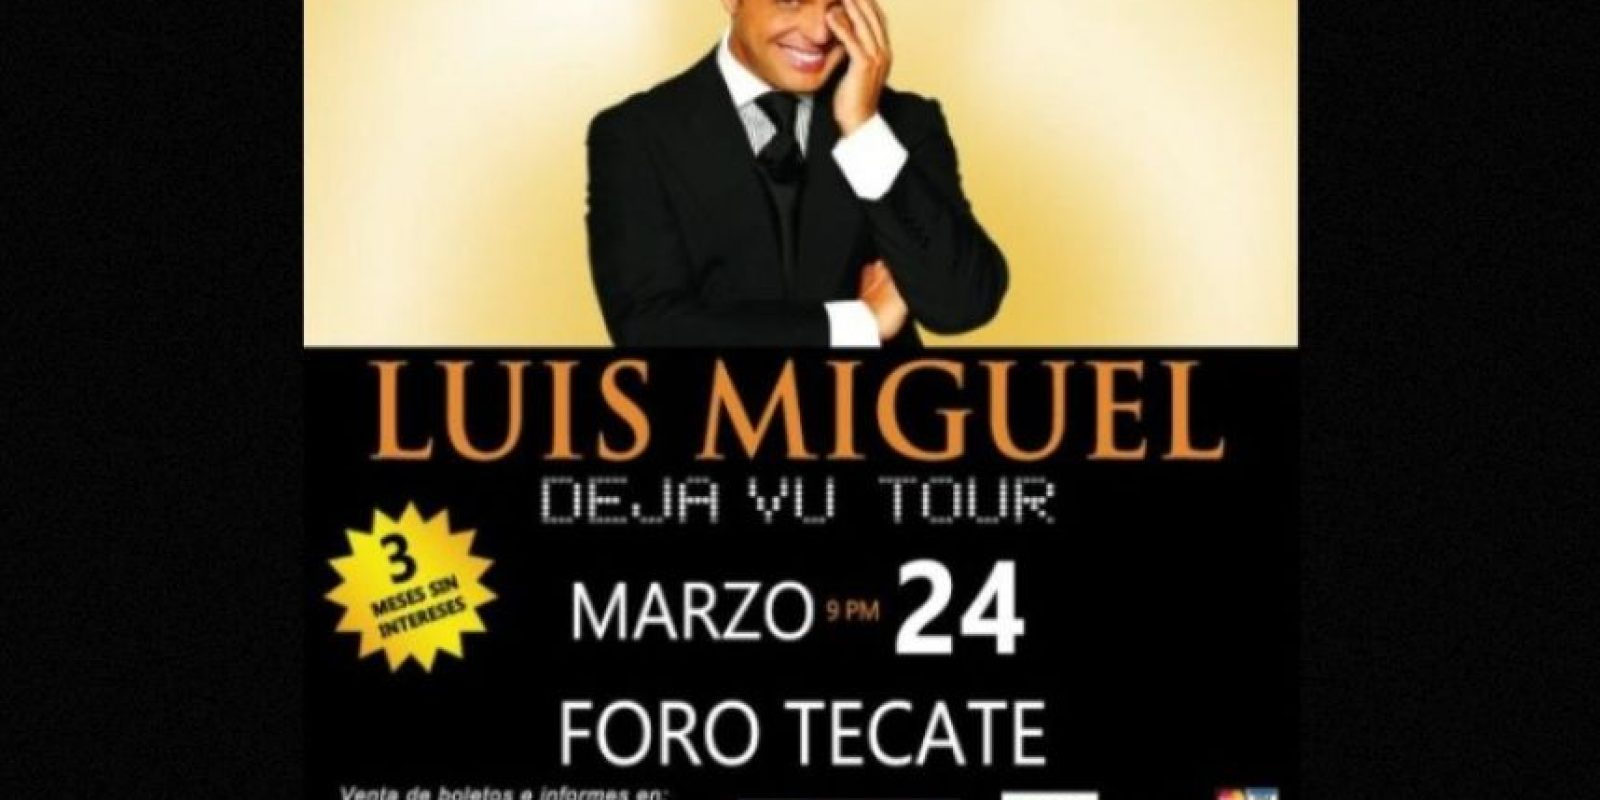 MARZO: Canceló su show en el Foro Tecate, esto después de que sus boletos no se vendieran como esperaba. Foto:Twitter